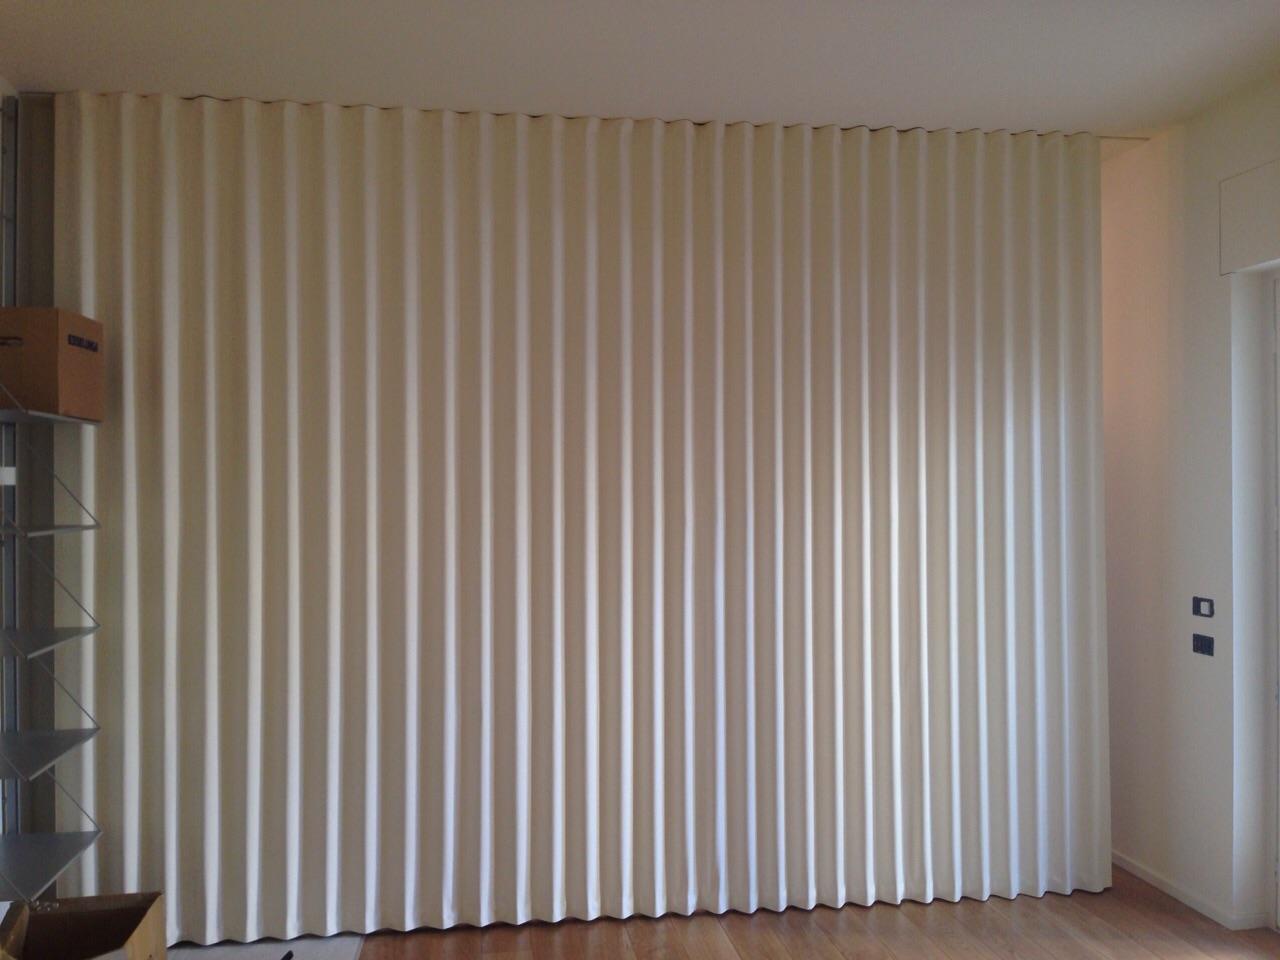 Porte a soffietto: dividere gli spazi, creare ambienti